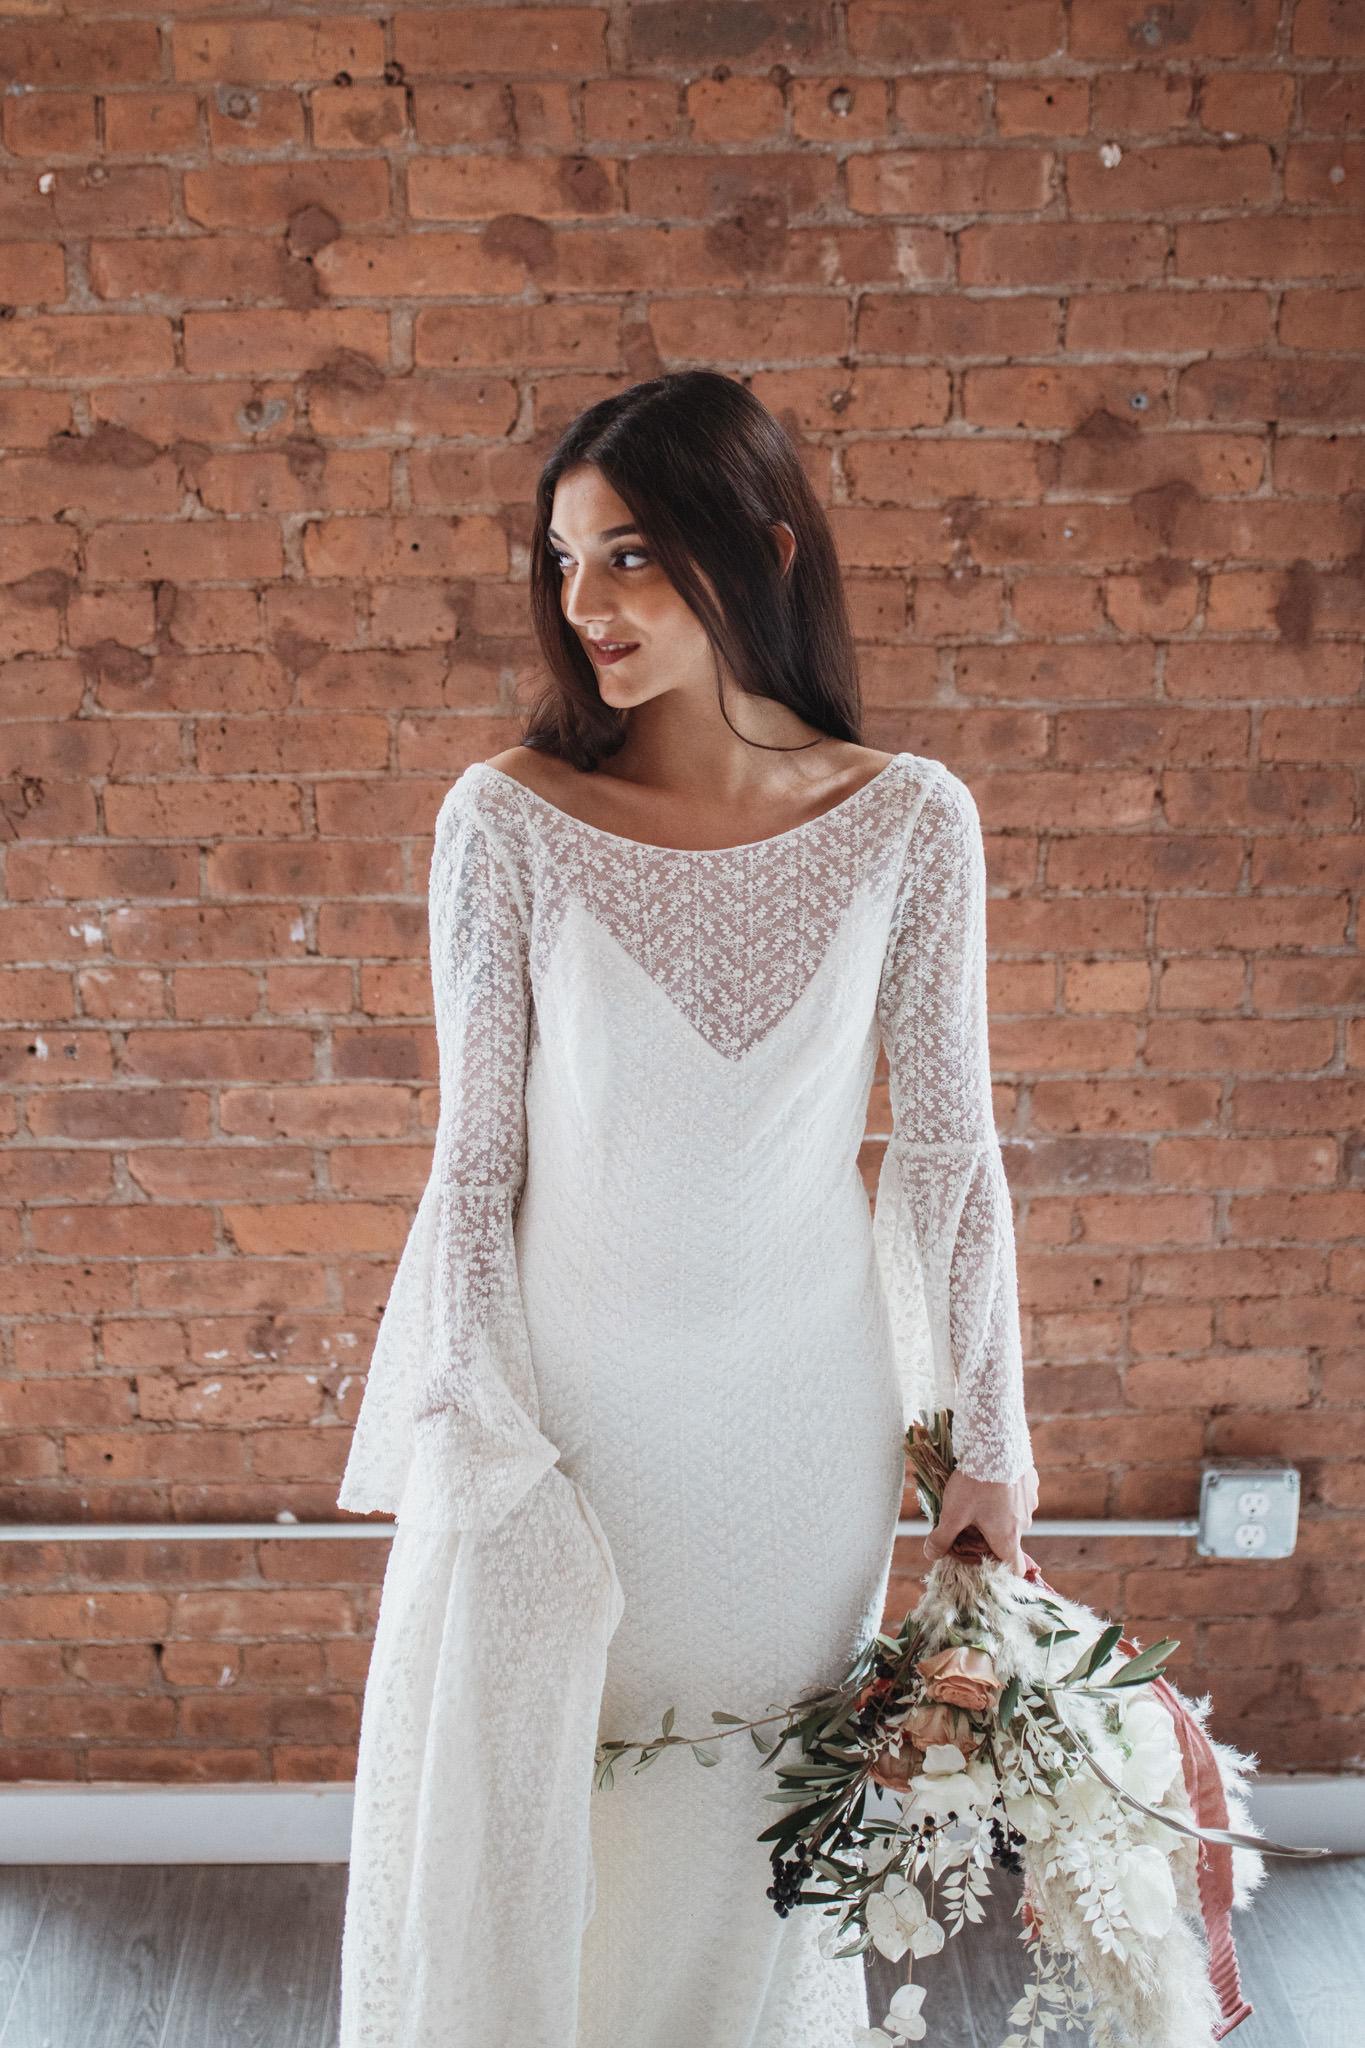 otaduy wedding dress brooklyn 6 1